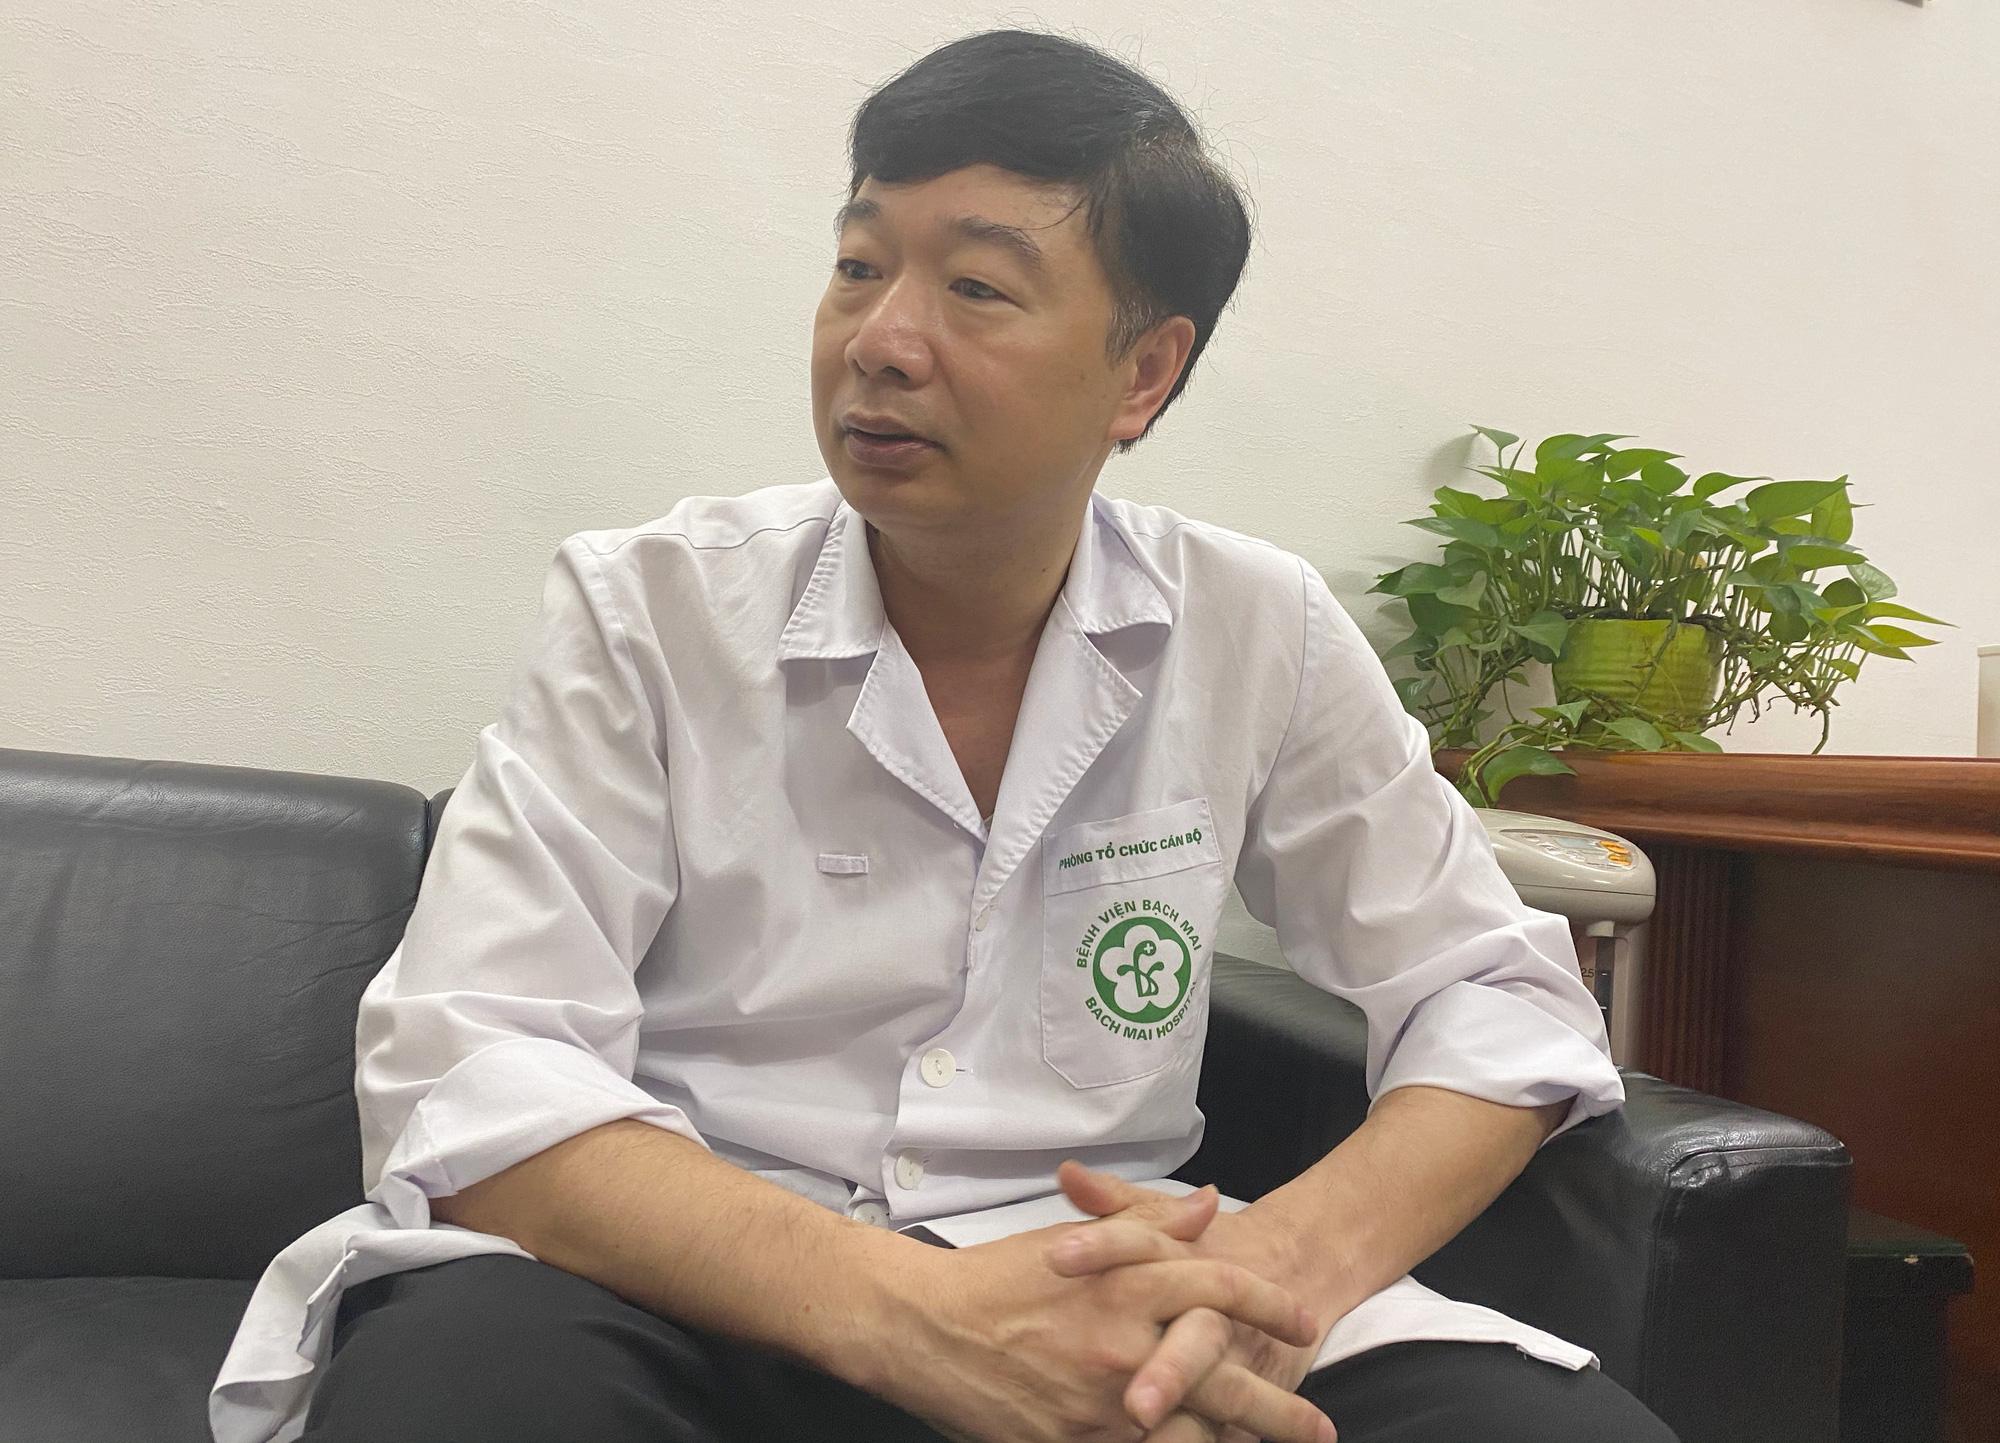 """Lãnh đạo Bệnh viện Bạch Mai: """"Không có mất mát hy sinh nào mà không có kết quả"""" - Ảnh 1."""